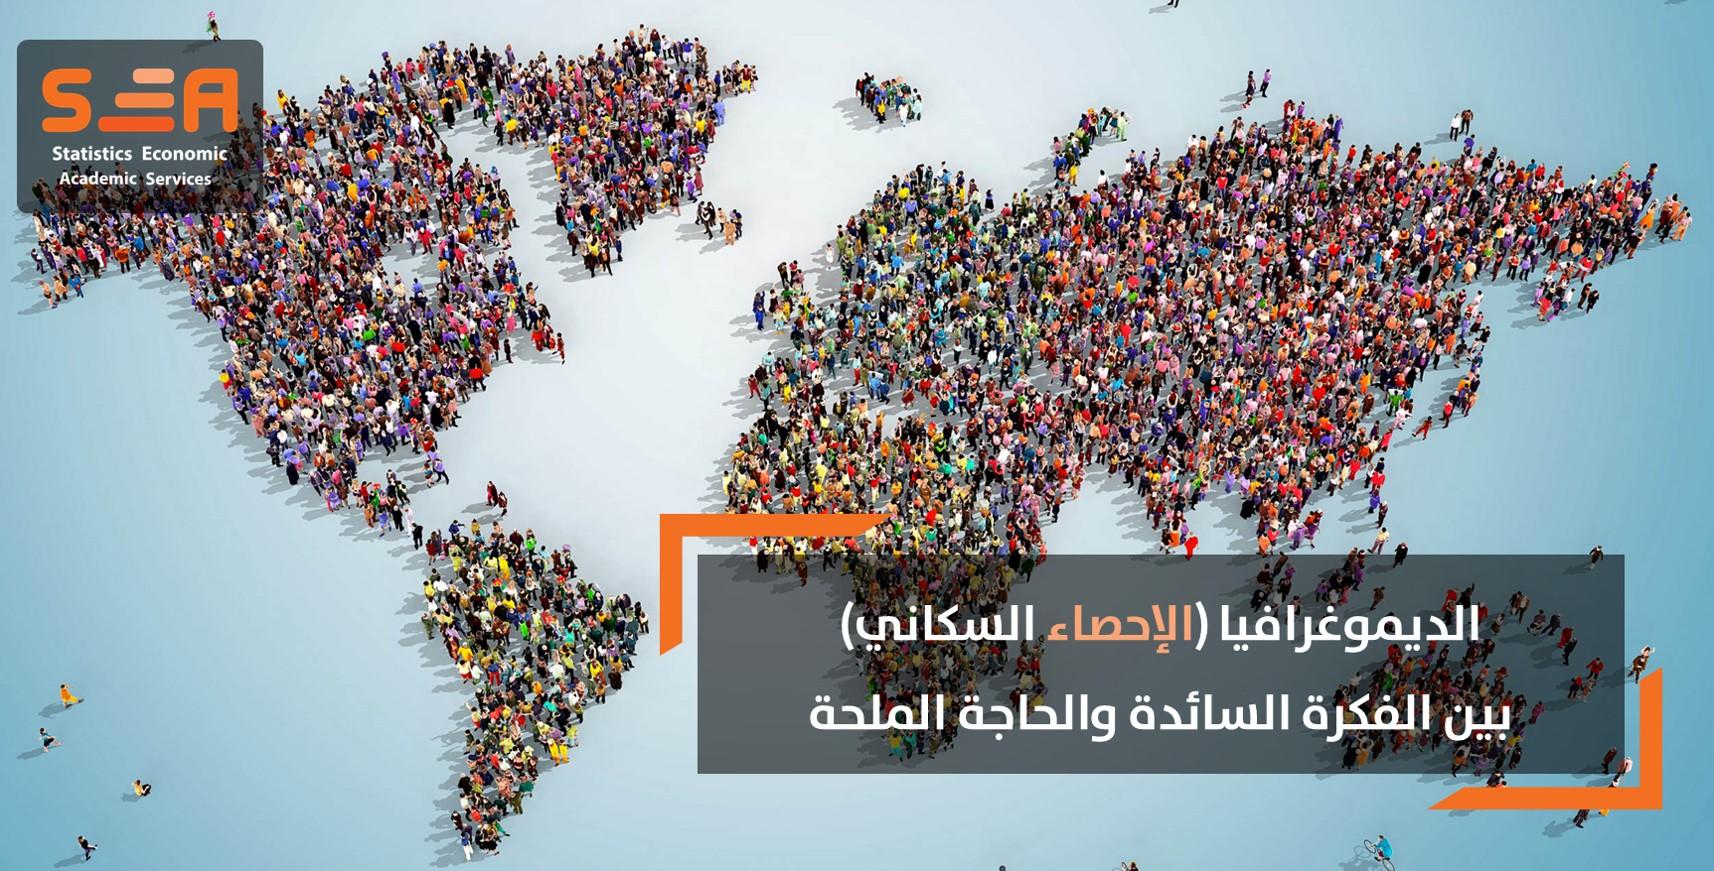 الديموغرافيا (الإحصاء السكاني).. بين الفكرة السائدة والحاجة الملحة